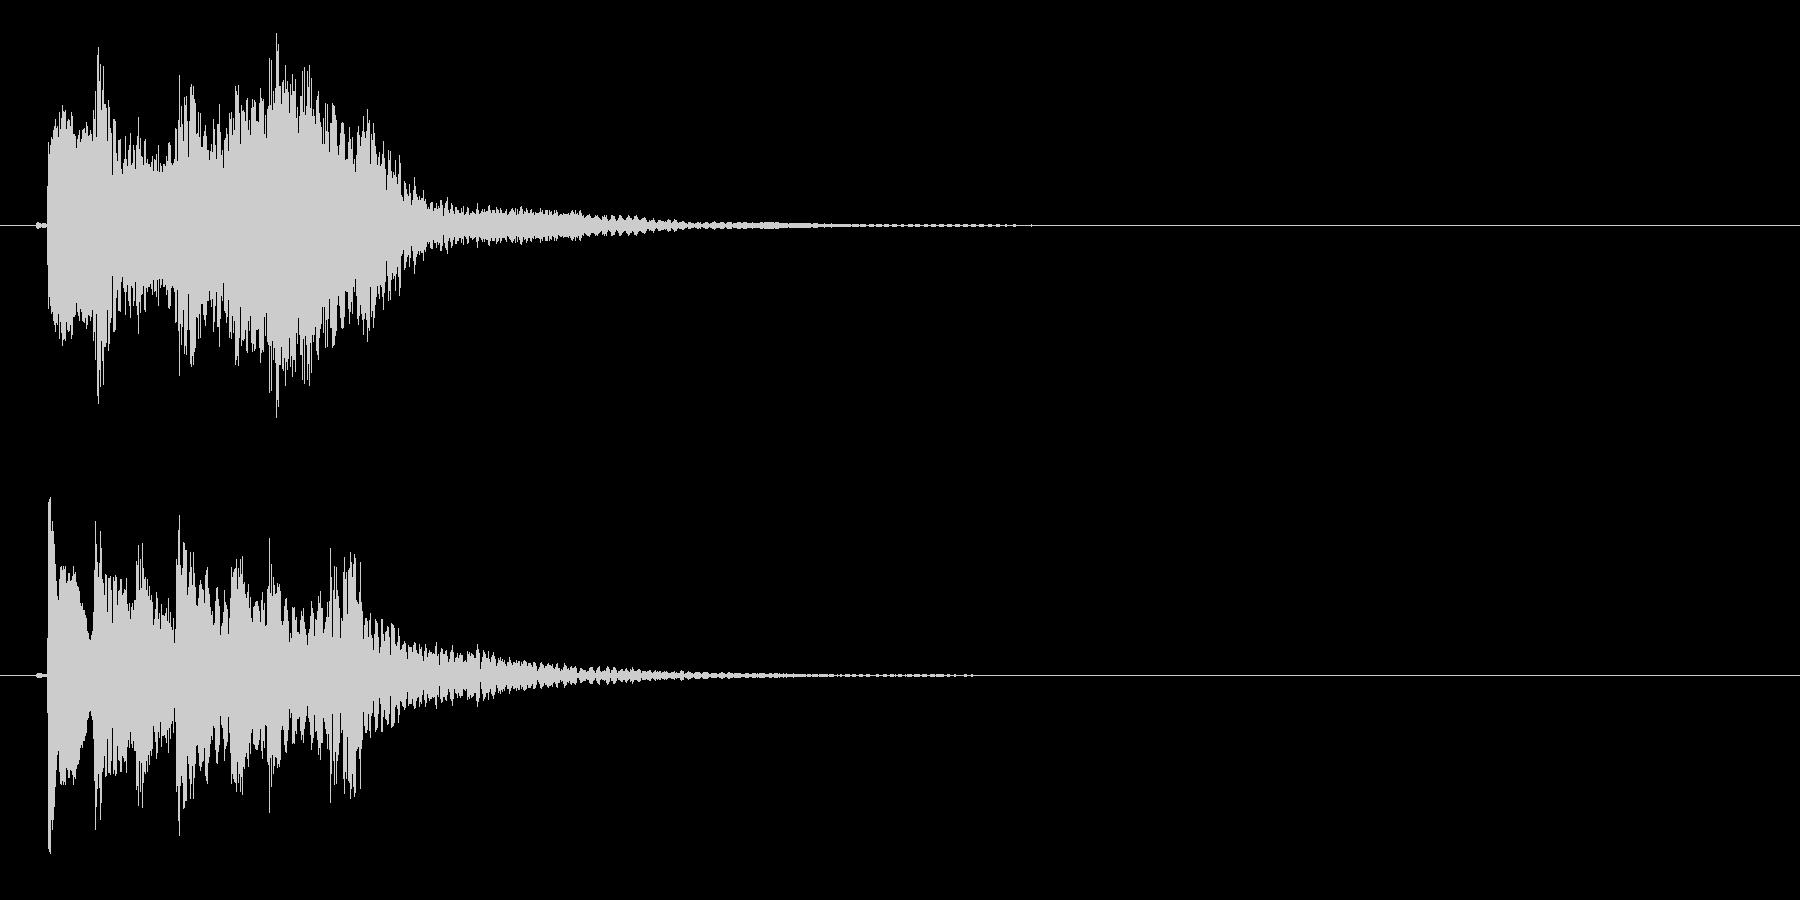 琴のフレーズ2☆調律1☆リバーブ有の未再生の波形